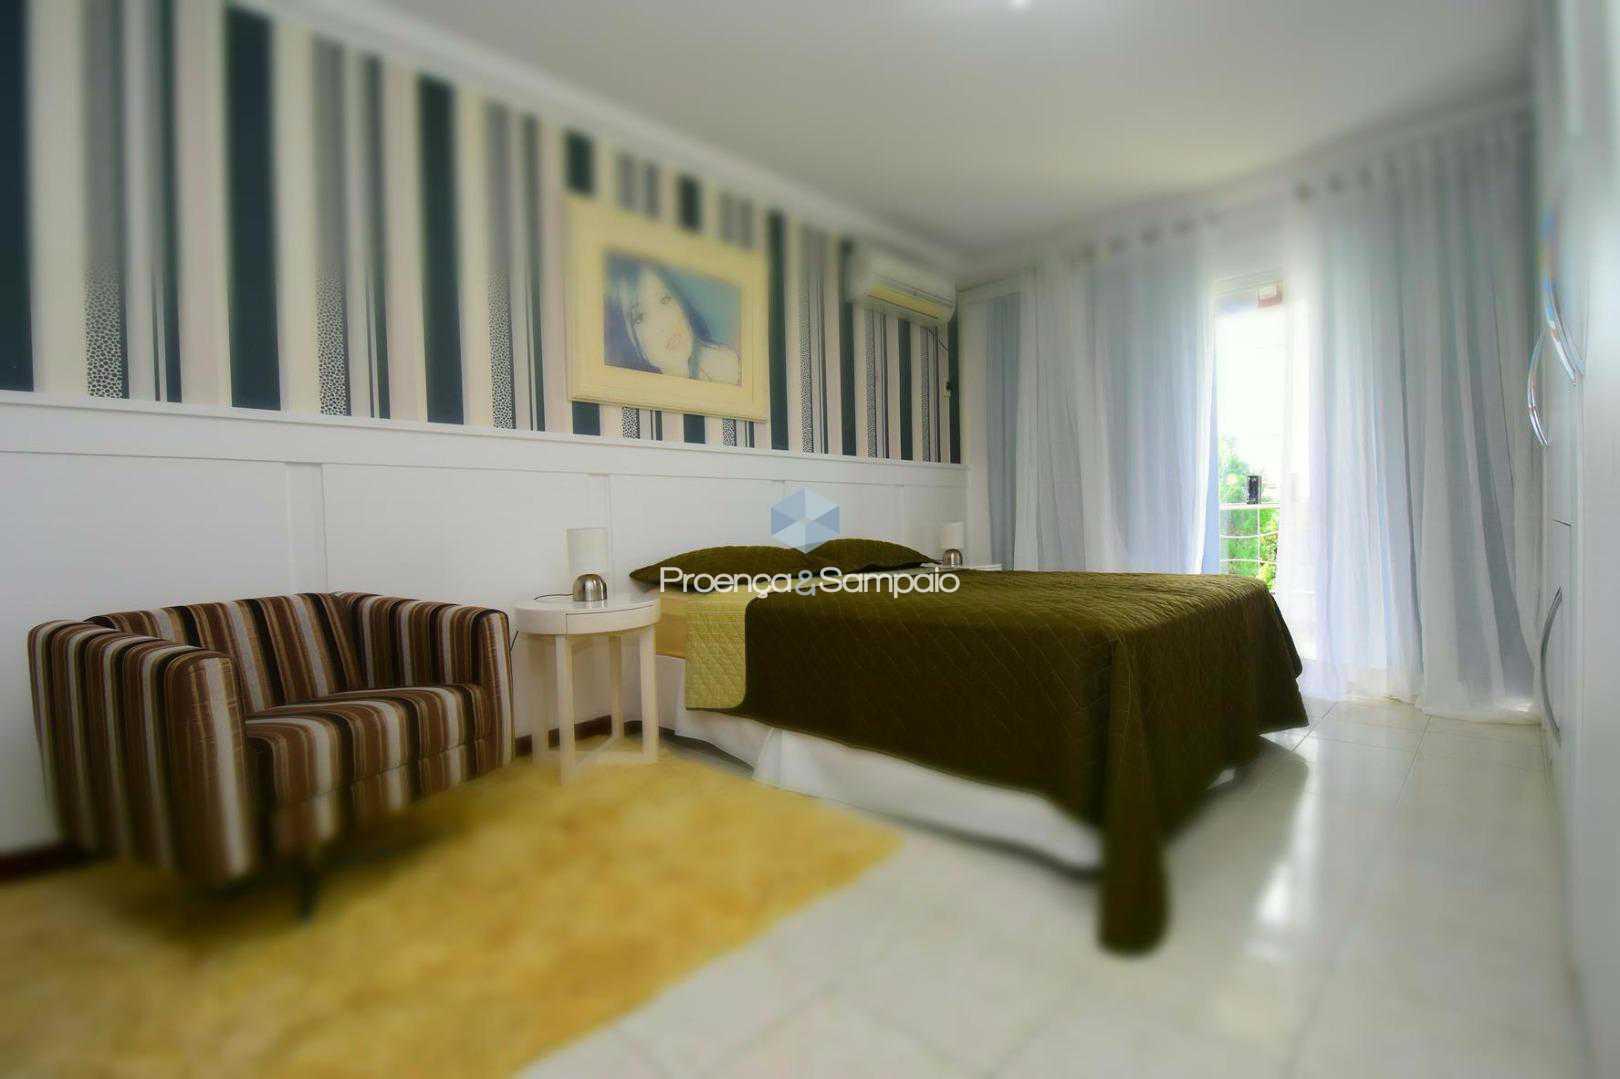 FOTO23 - Casa em Condomínio 4 quartos à venda Lauro de Freitas,BA - R$ 870.000 - PSCN40007 - 25